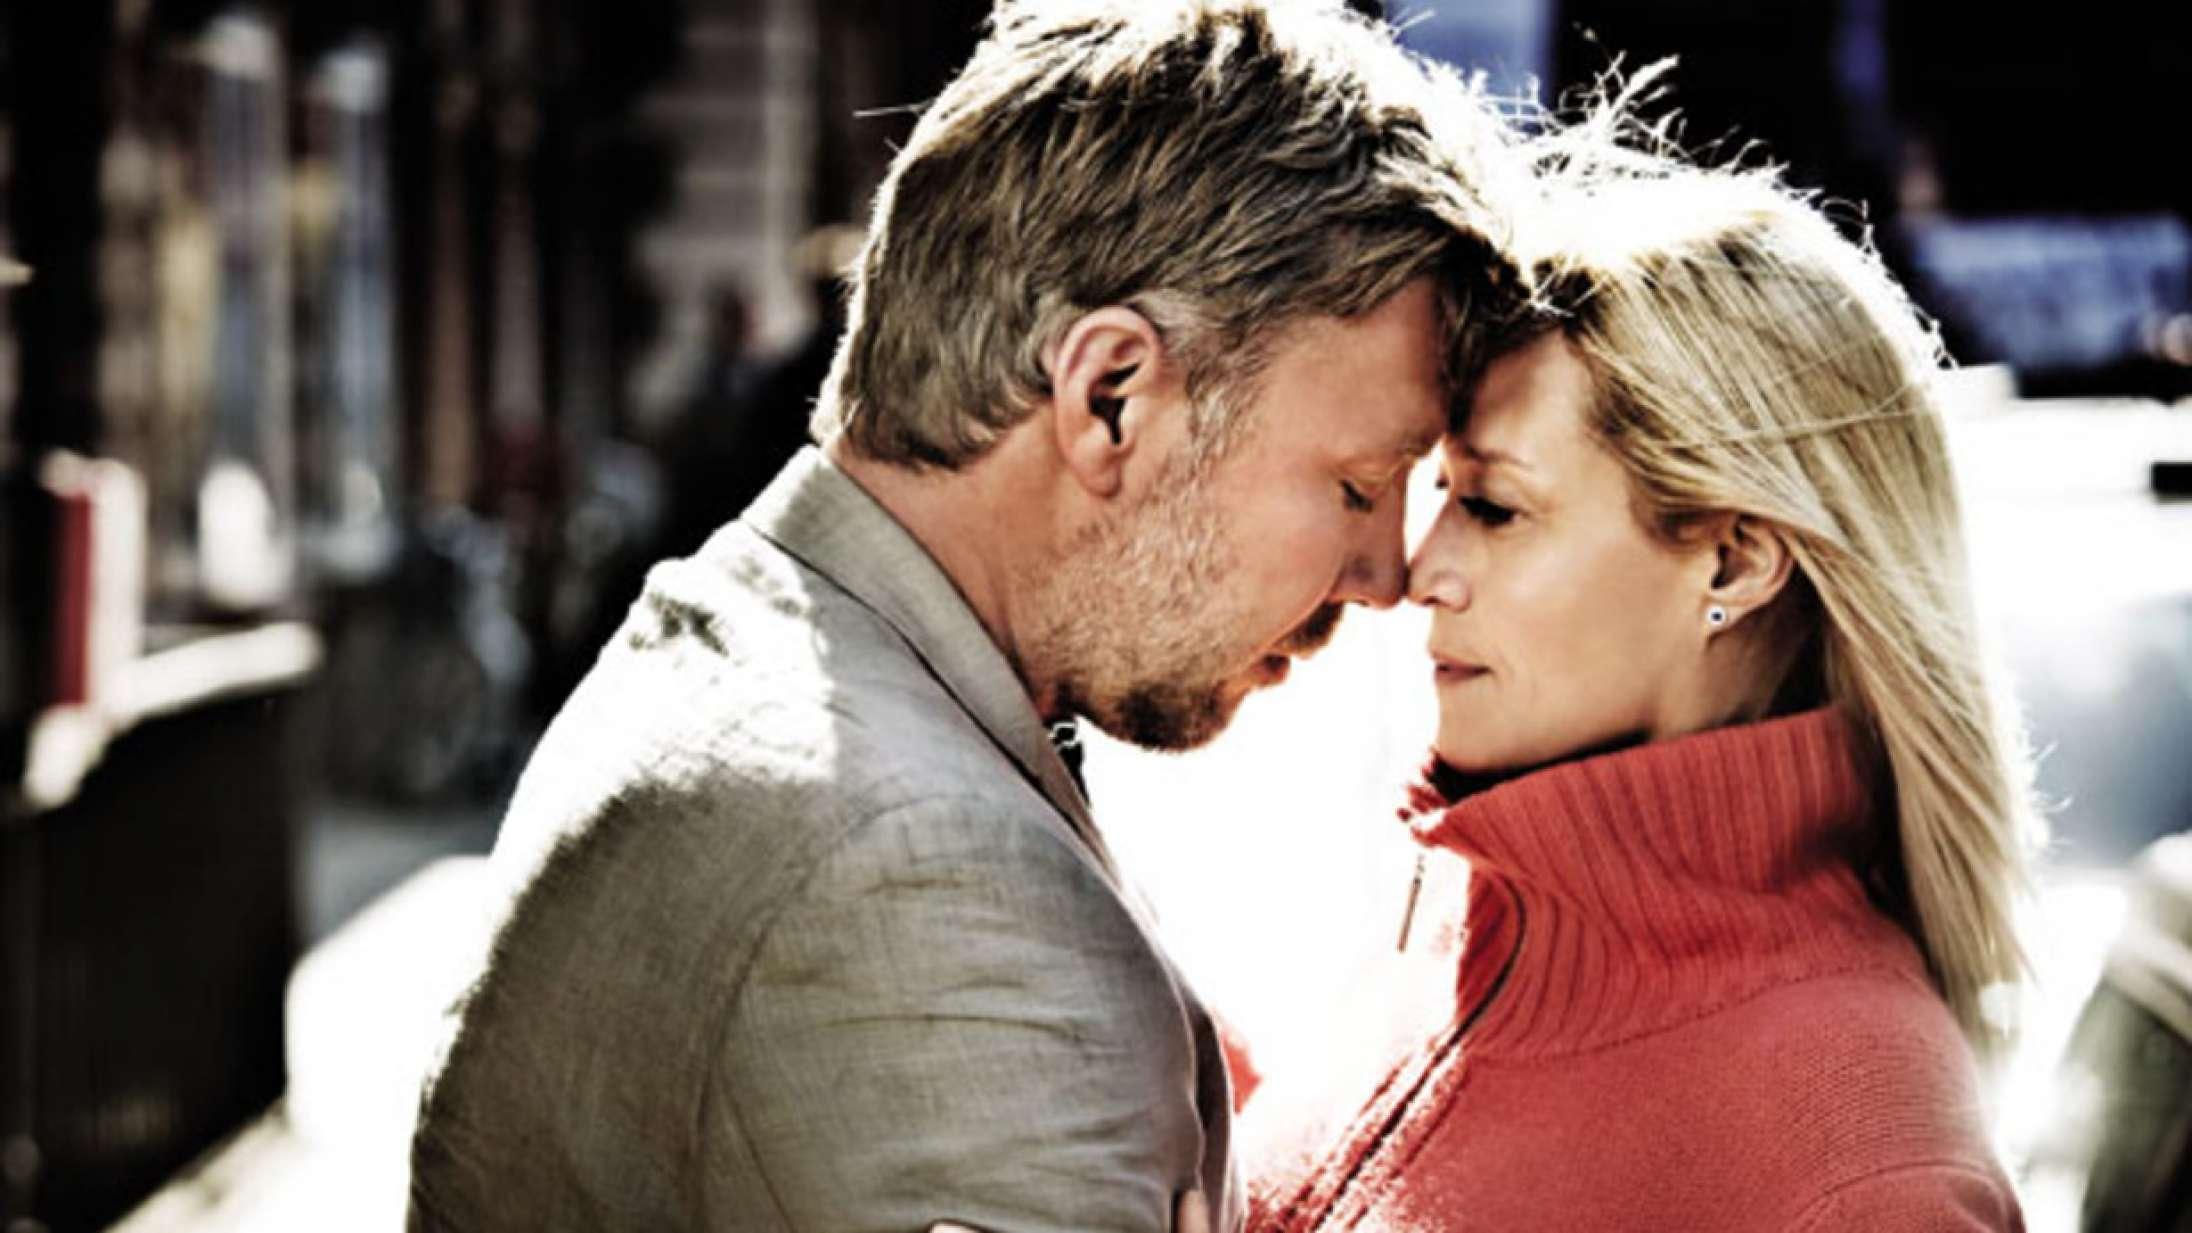 Fra Vinterberg til Pelle: Her er alle de danske Oscar-vindere igennem tiden